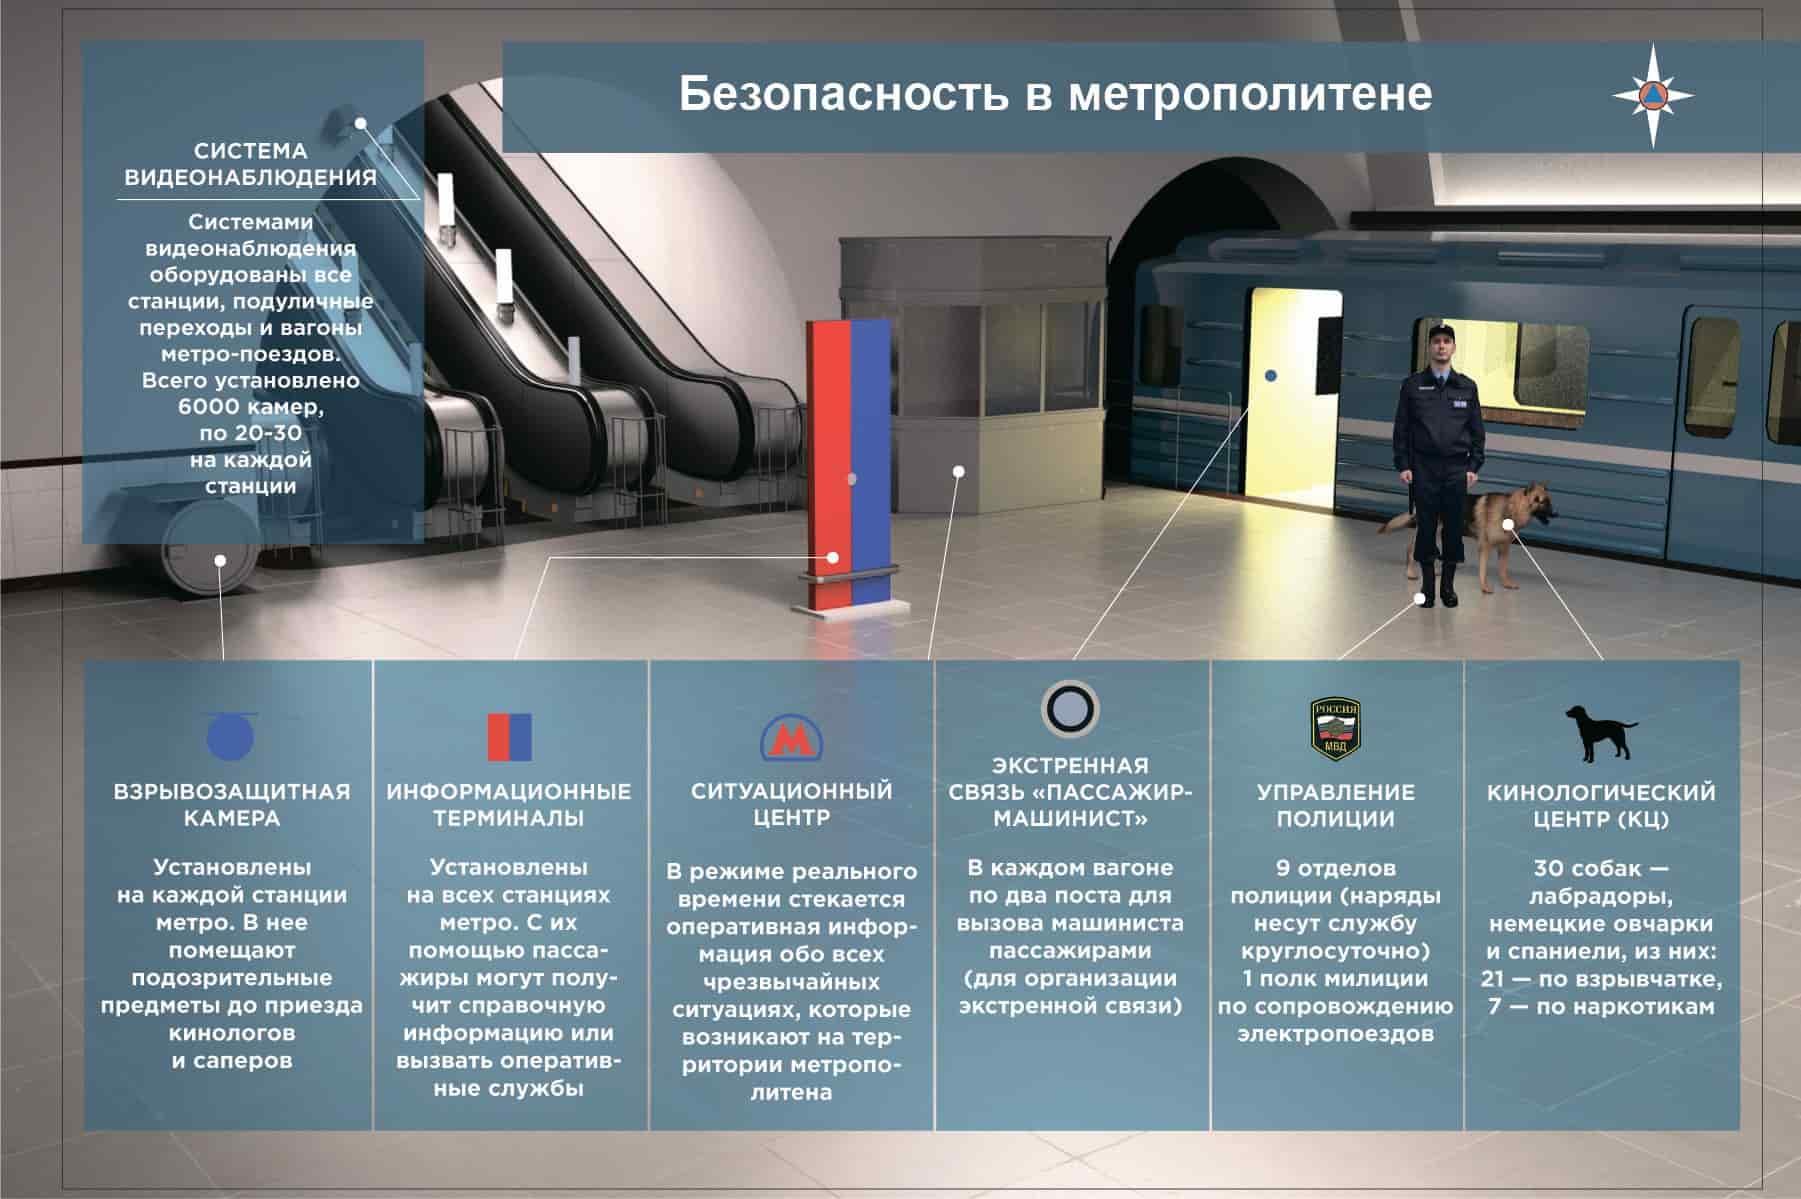 Безопасность в метрополитене